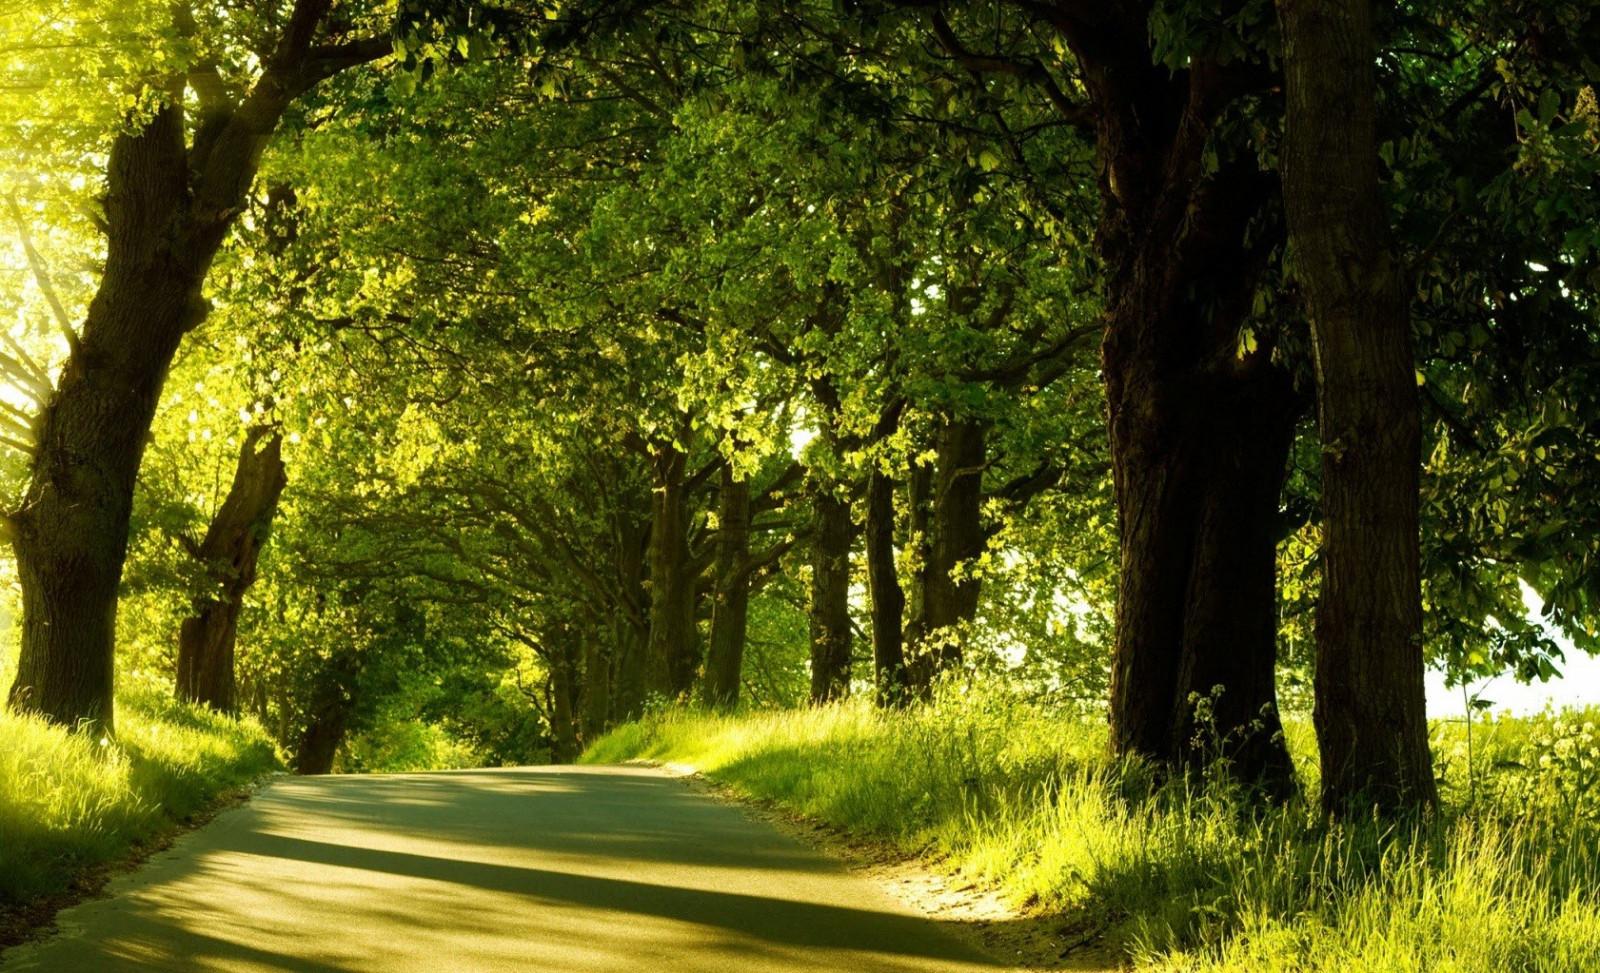 hintergrundbilder sonnenlicht b ume landschaft wald natur gras park pflanzen stra e. Black Bedroom Furniture Sets. Home Design Ideas